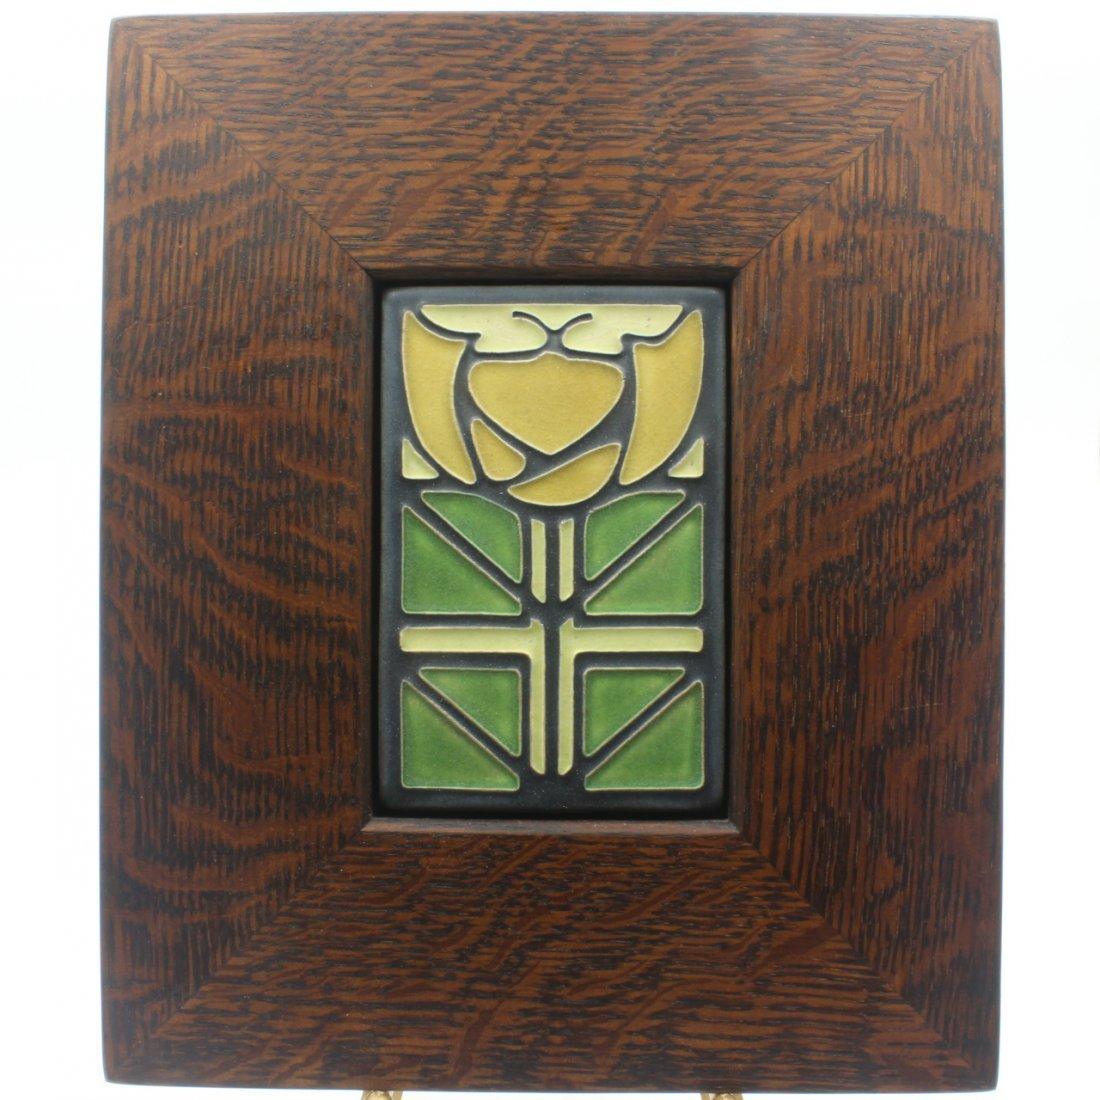 Arts & Crafts Design Tile, Motawi